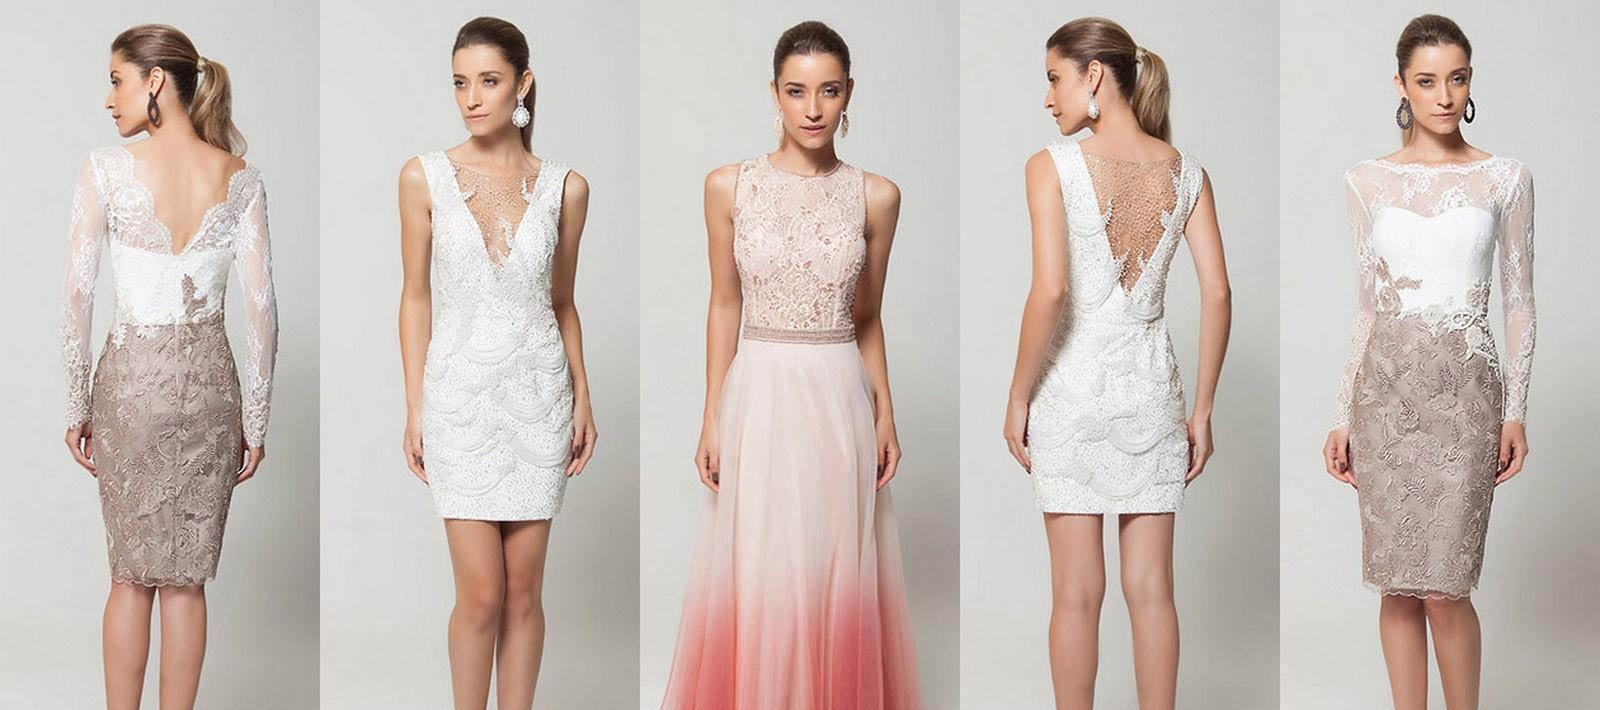 Модні коктейльні сукні в 2019-2020 році